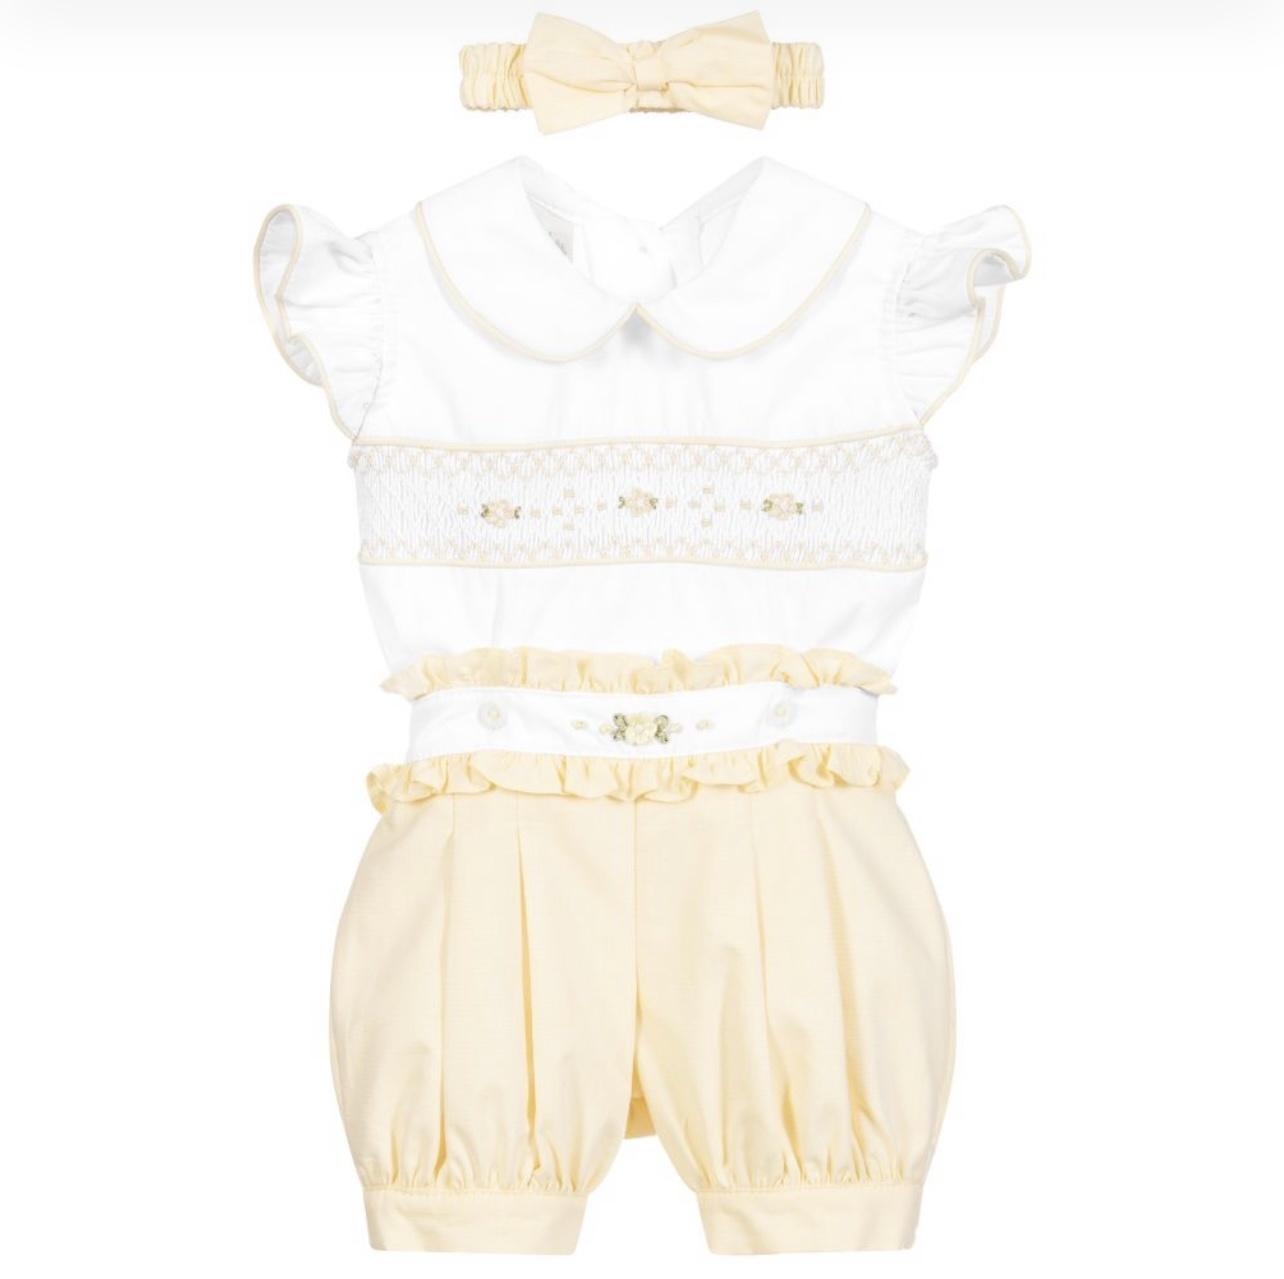 Pretty Originals Pretty Originals White and Yellow Smocked Set MT02115P S21